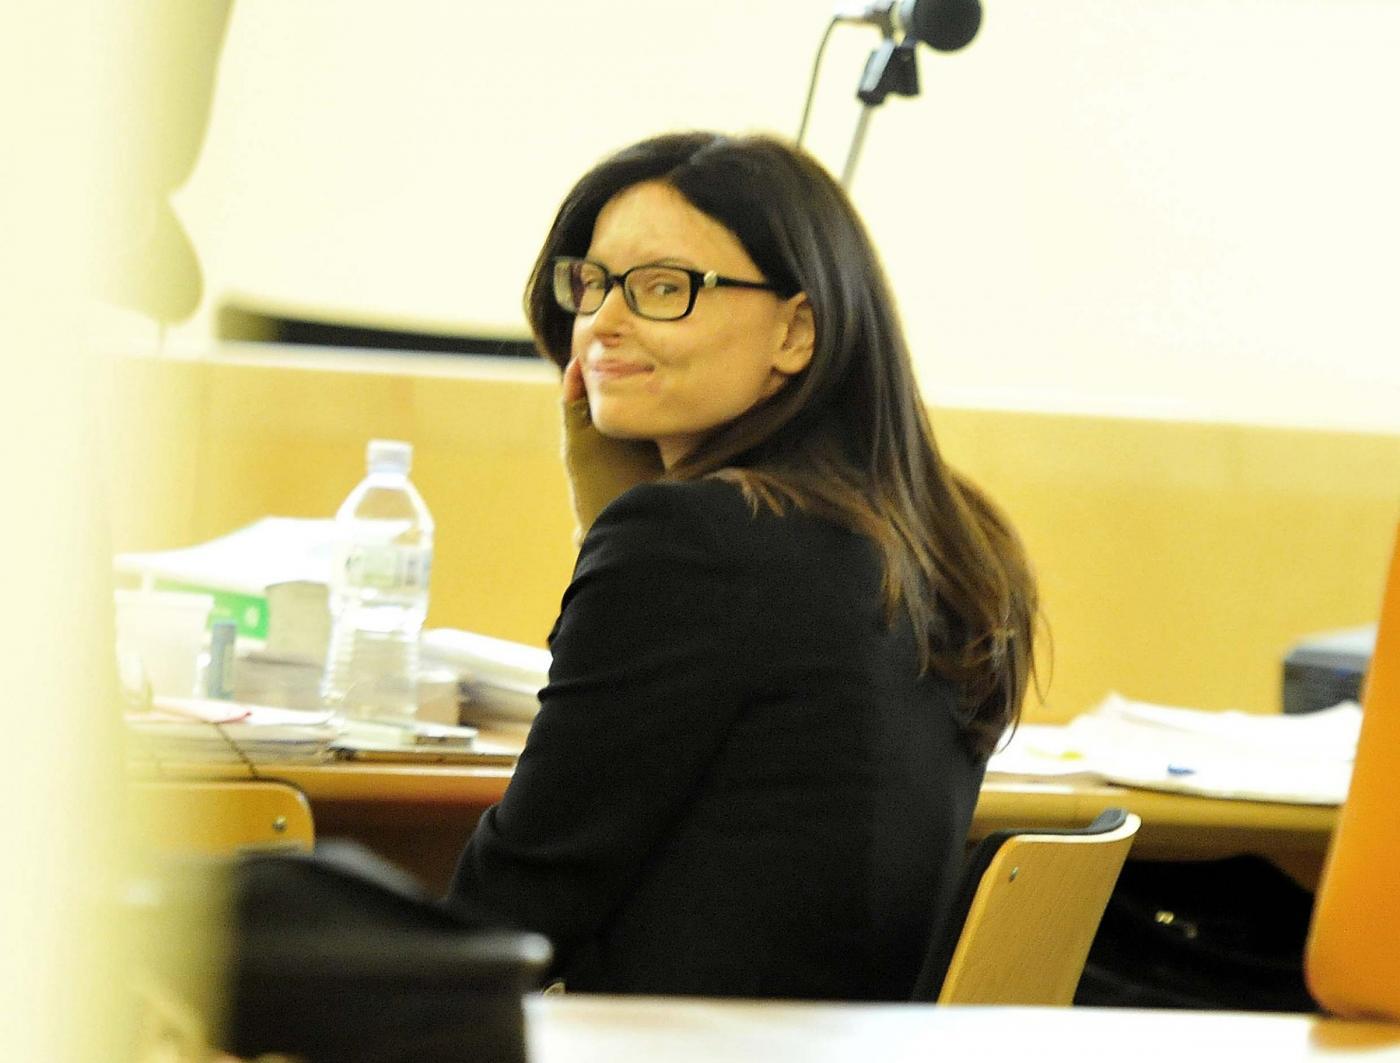 Lucia Annibali, 20 anni confermati in Cassazione per l'ex che la sfigurò con l'acido